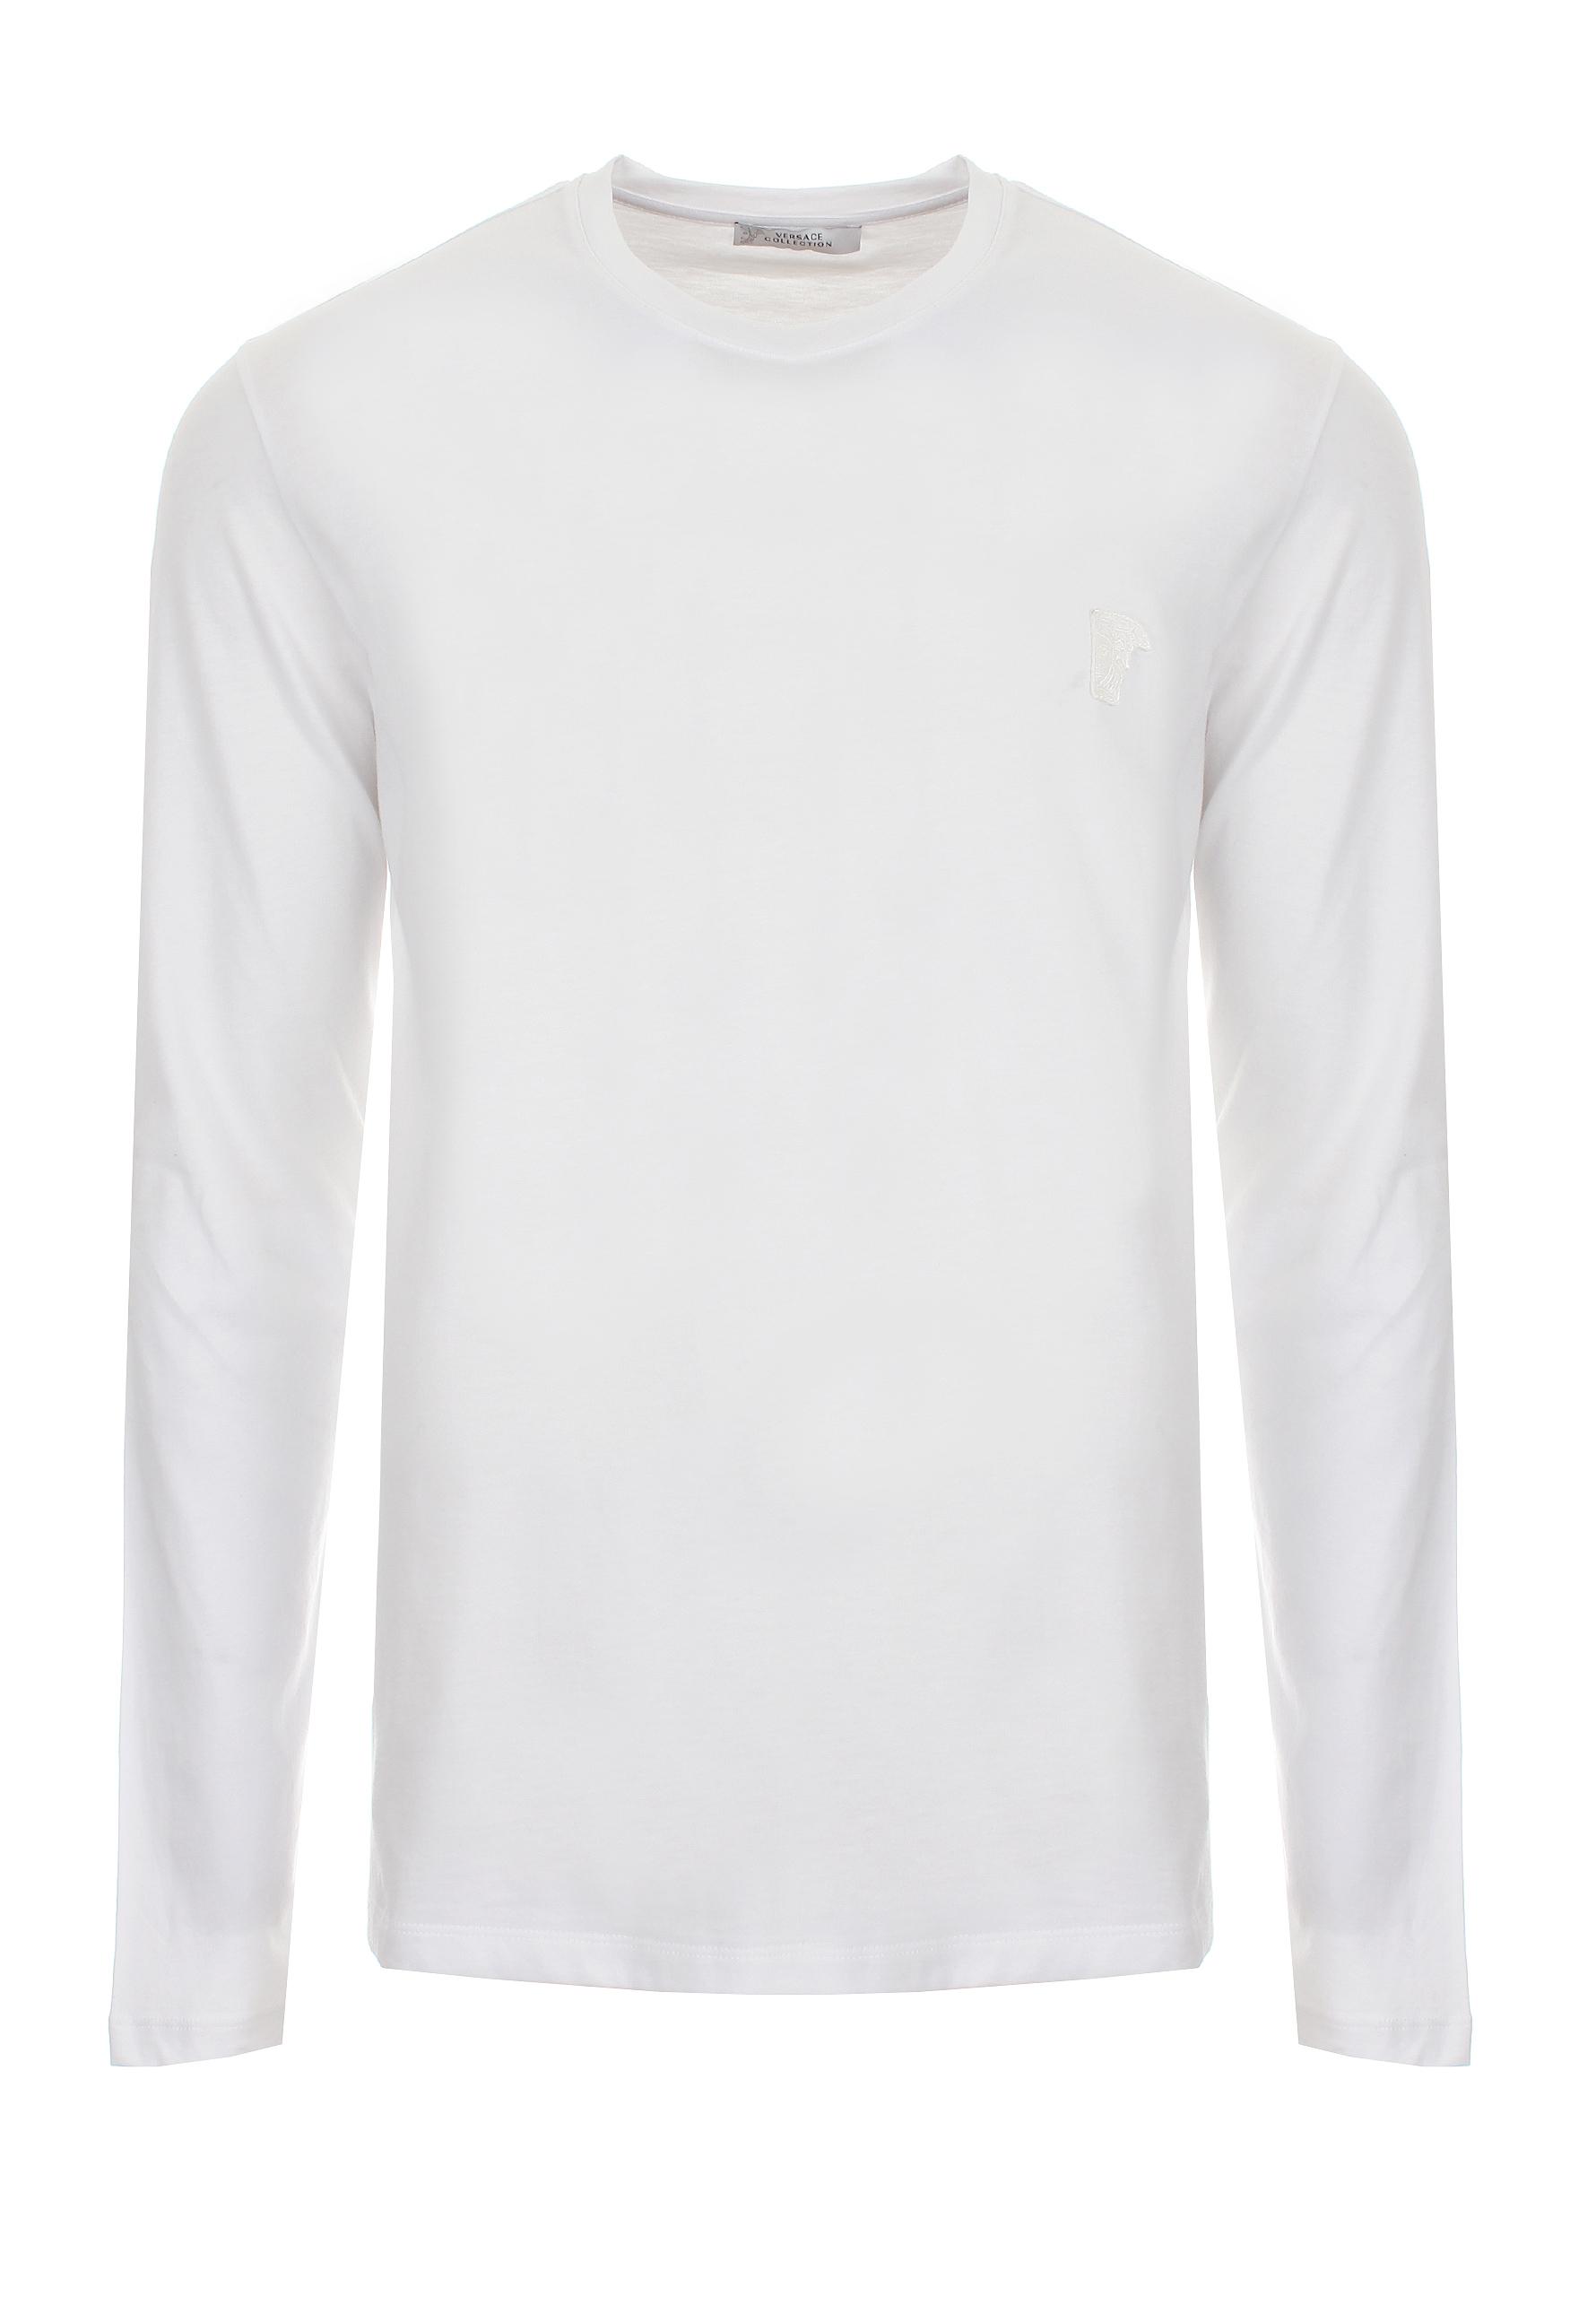 6ec5c0b3 Versace Half Medusa Logo Long Sleeve T-shirt White in White for Men ...